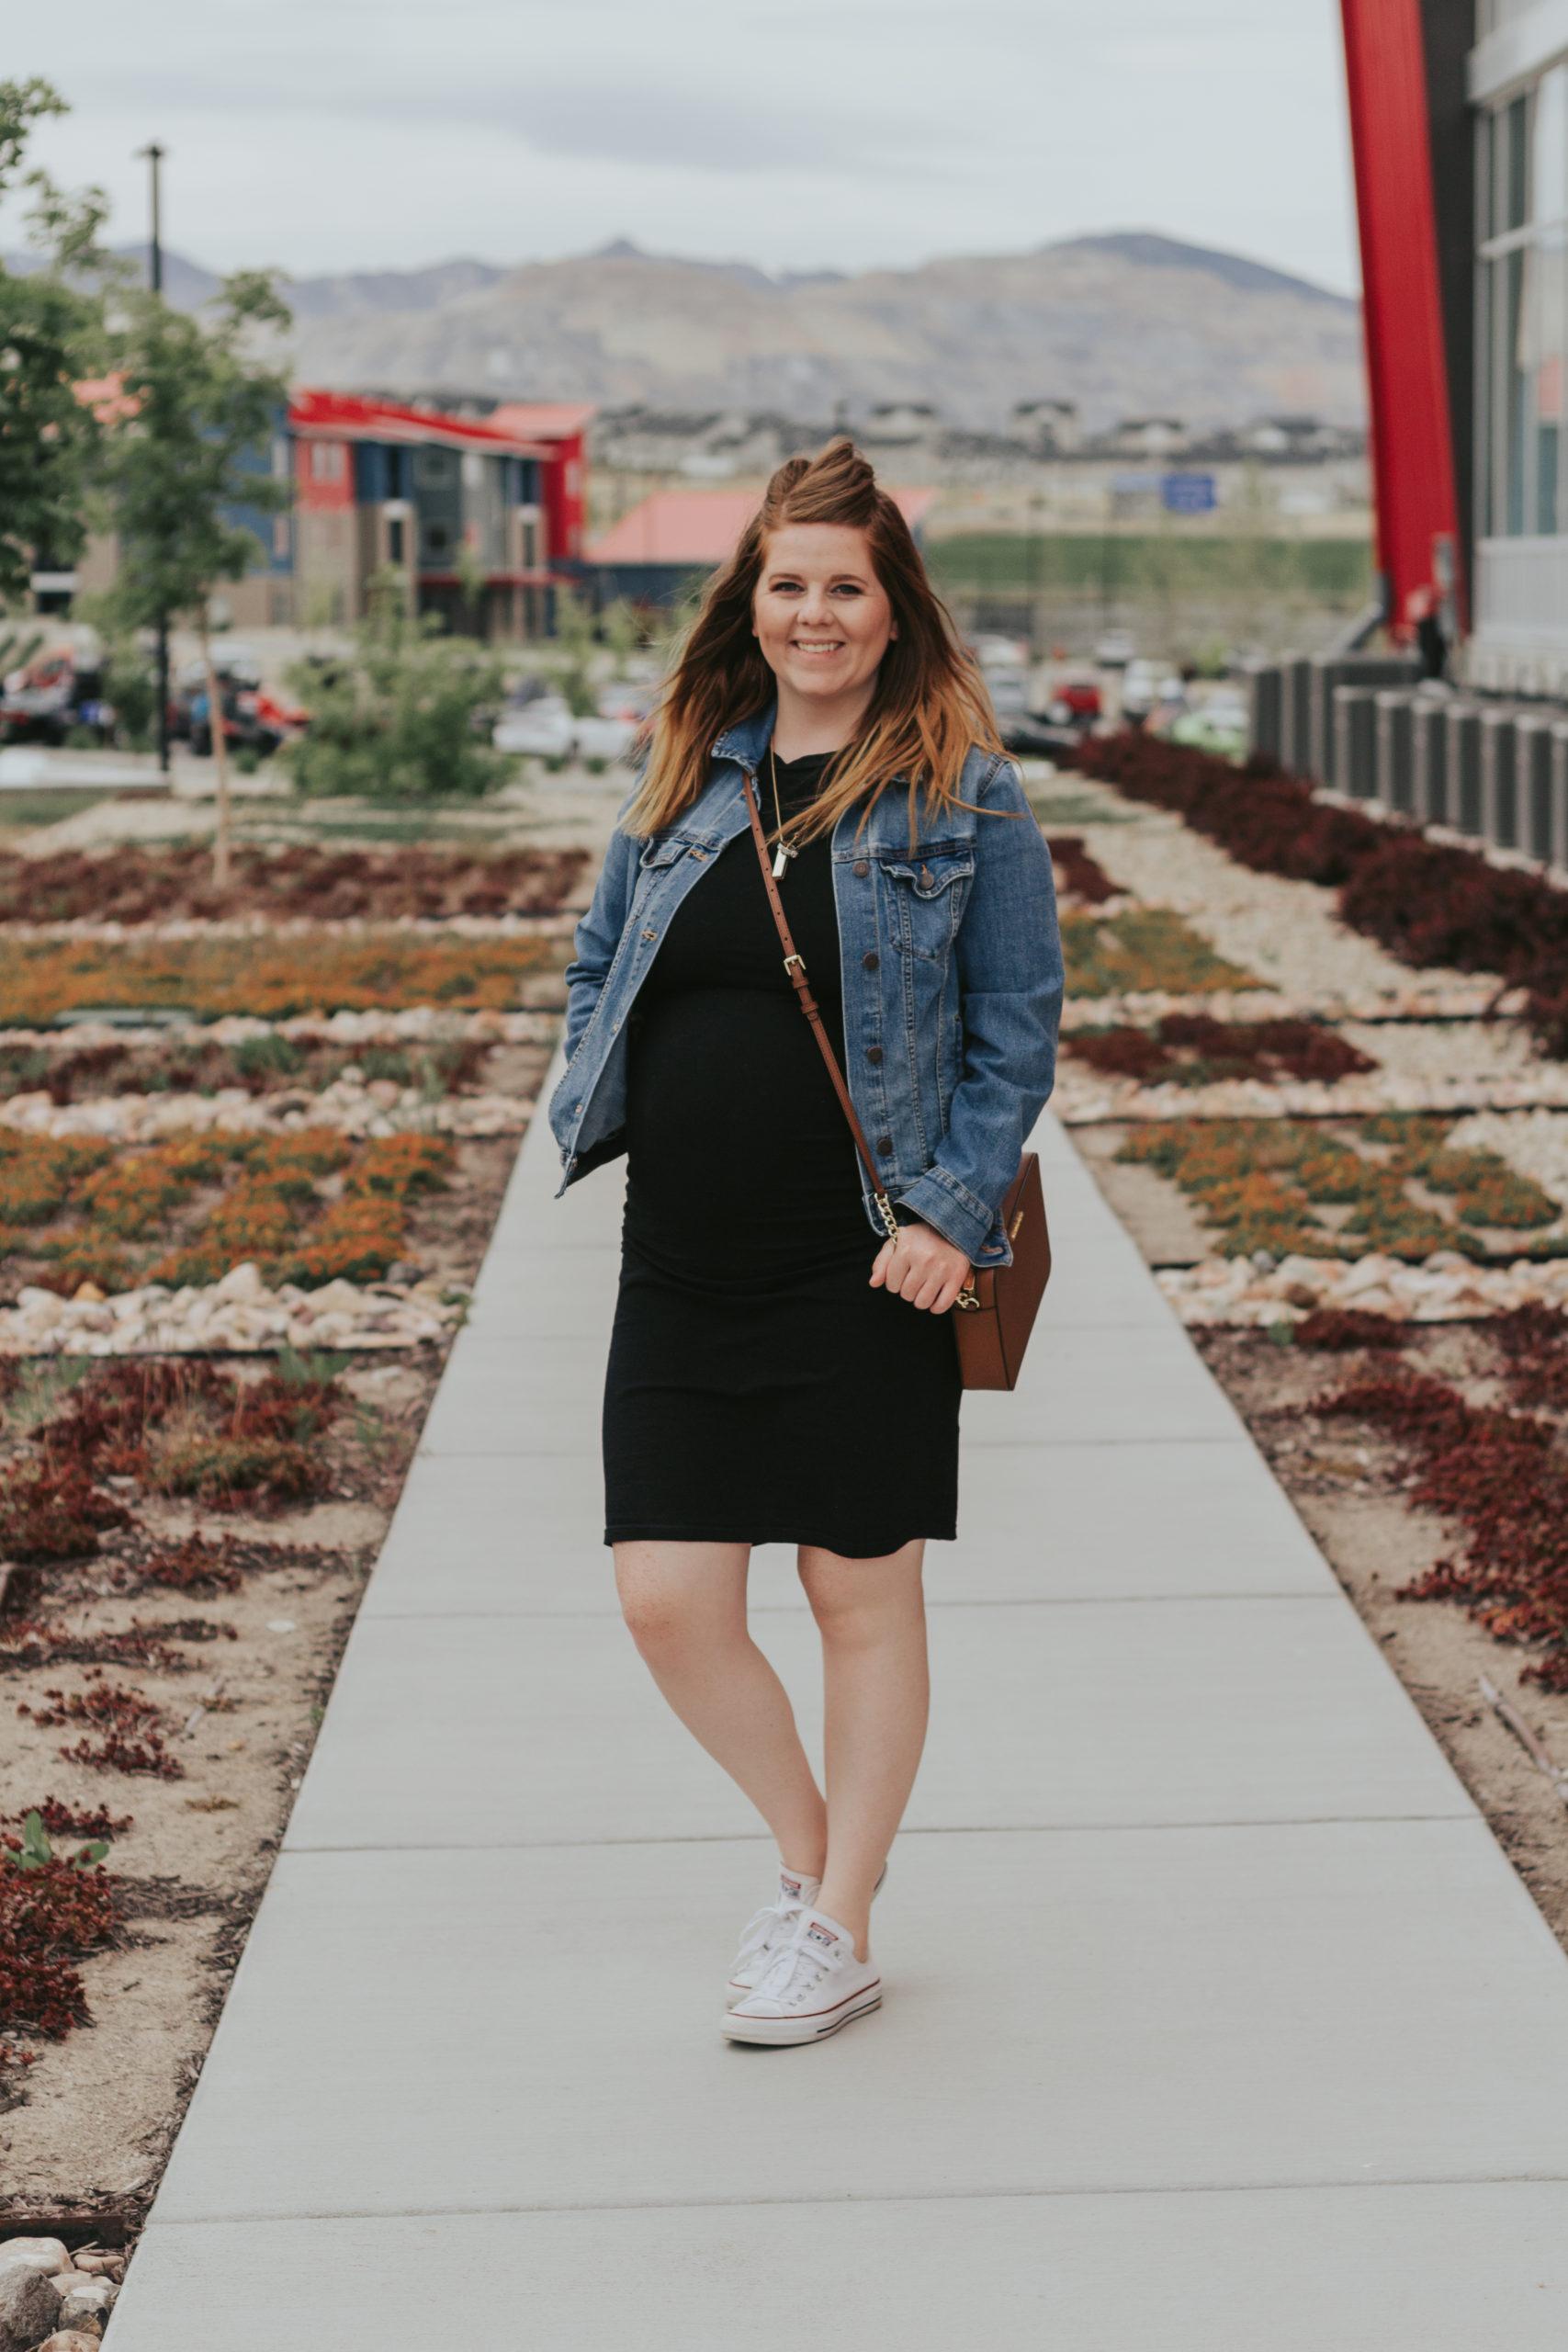 dress with a denim jacket